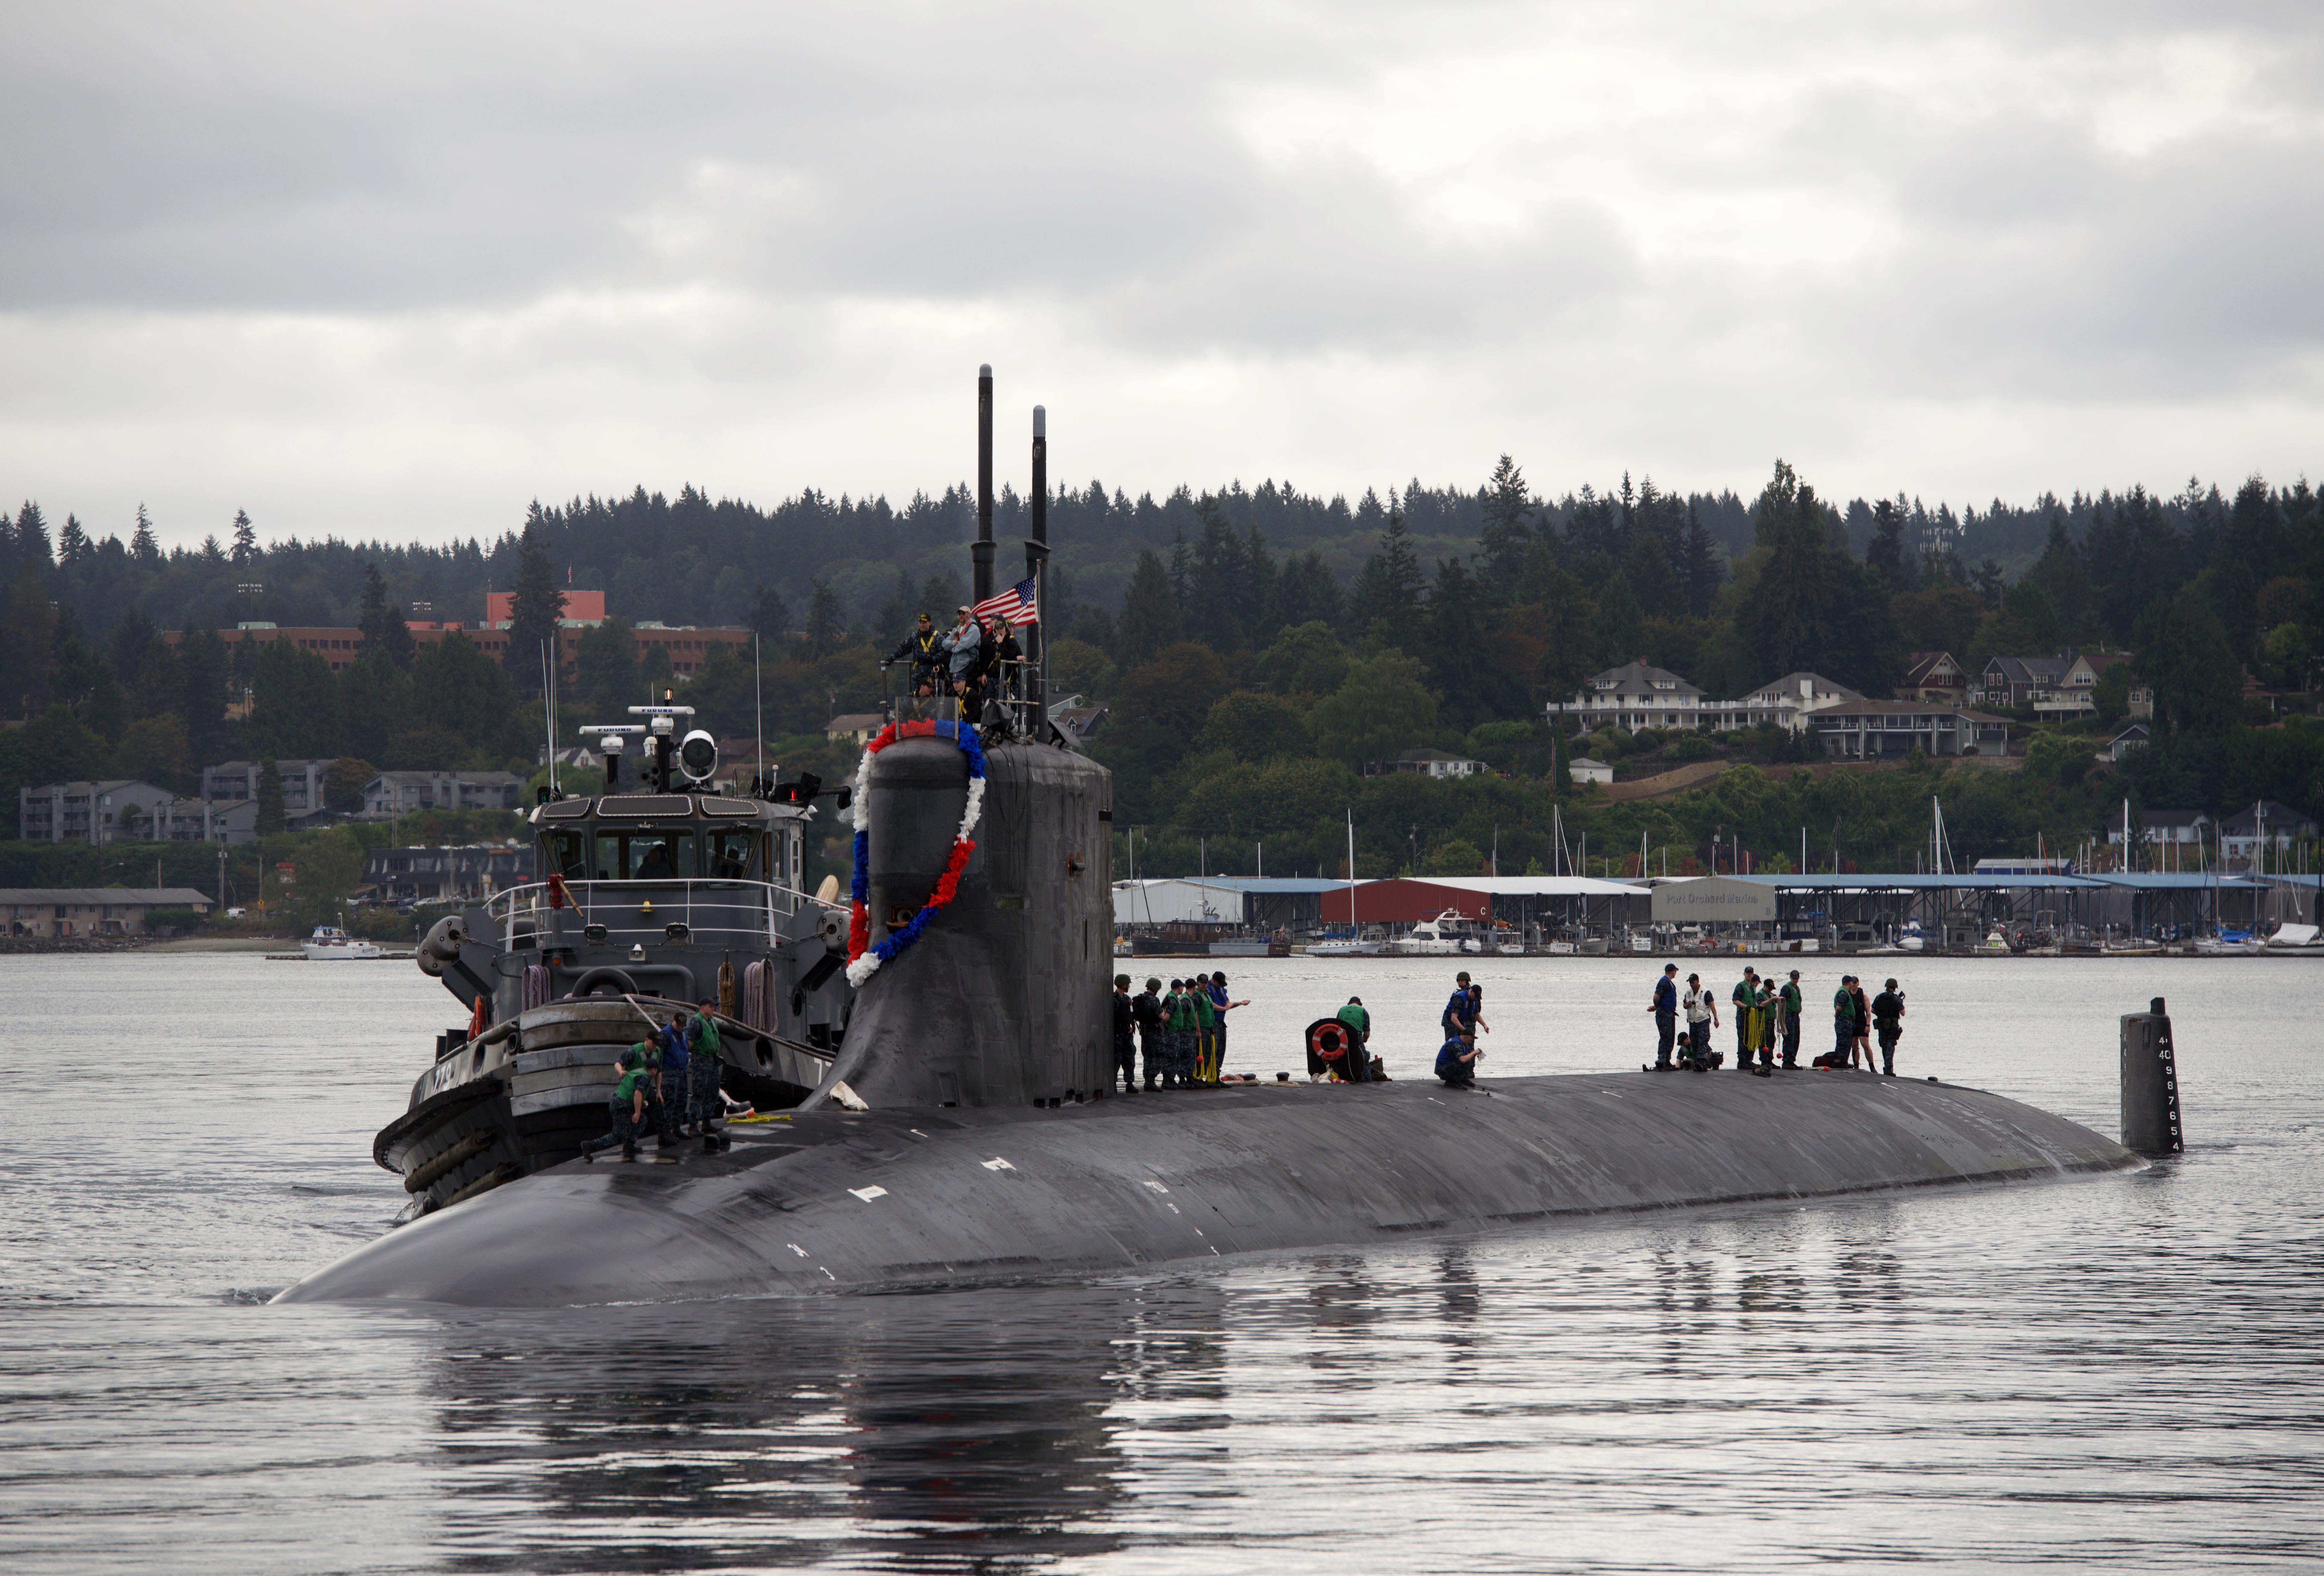 USS SEAWOLF SSN-21 Einlaufen Bremerton am 21.08.2015 Bild: U.S. Navy